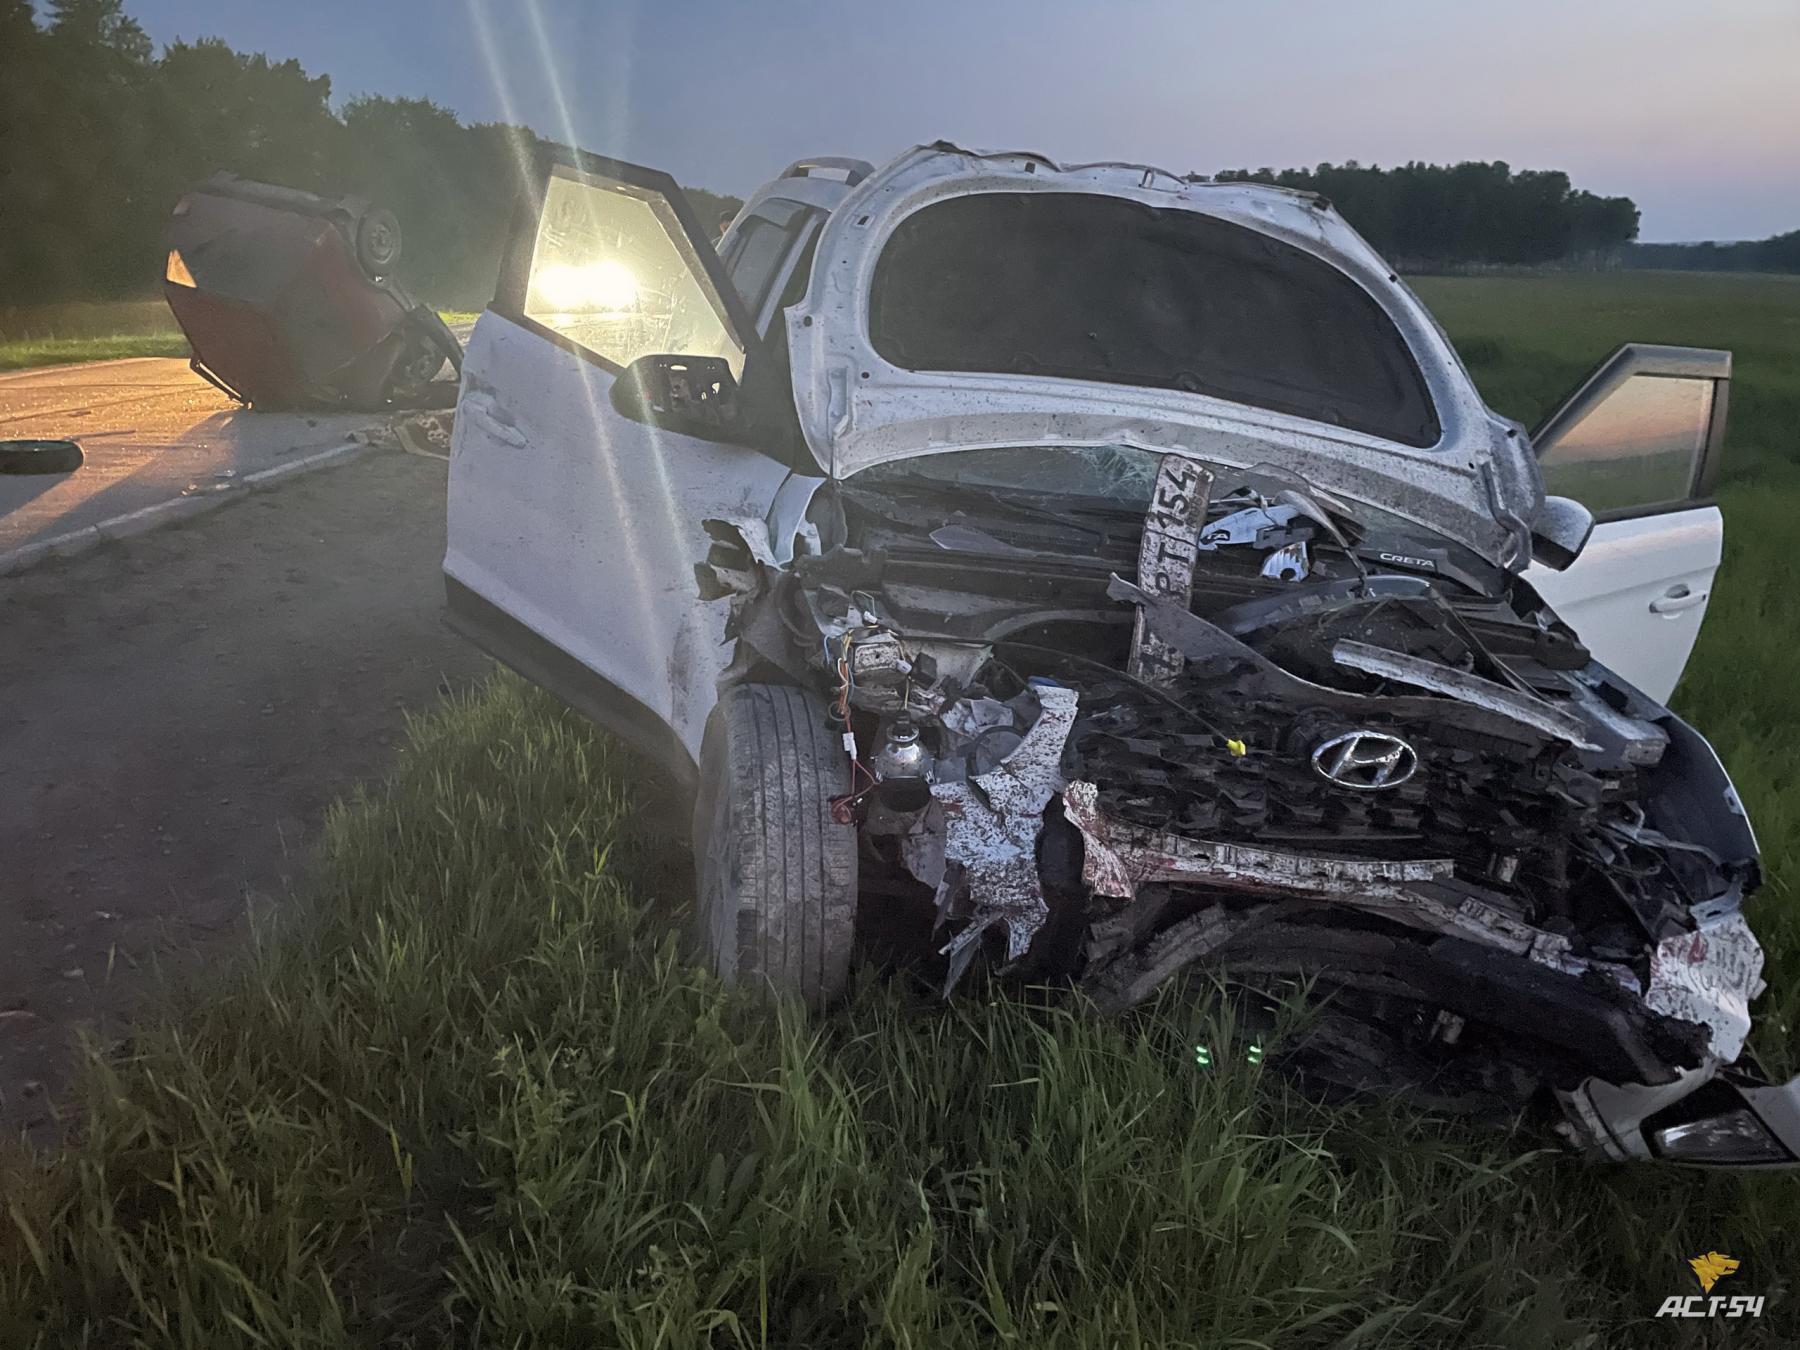 Фото Водитель «Оки» погиб в ДТП с кроссовером Hyundai на трассе под Новосибирском 3